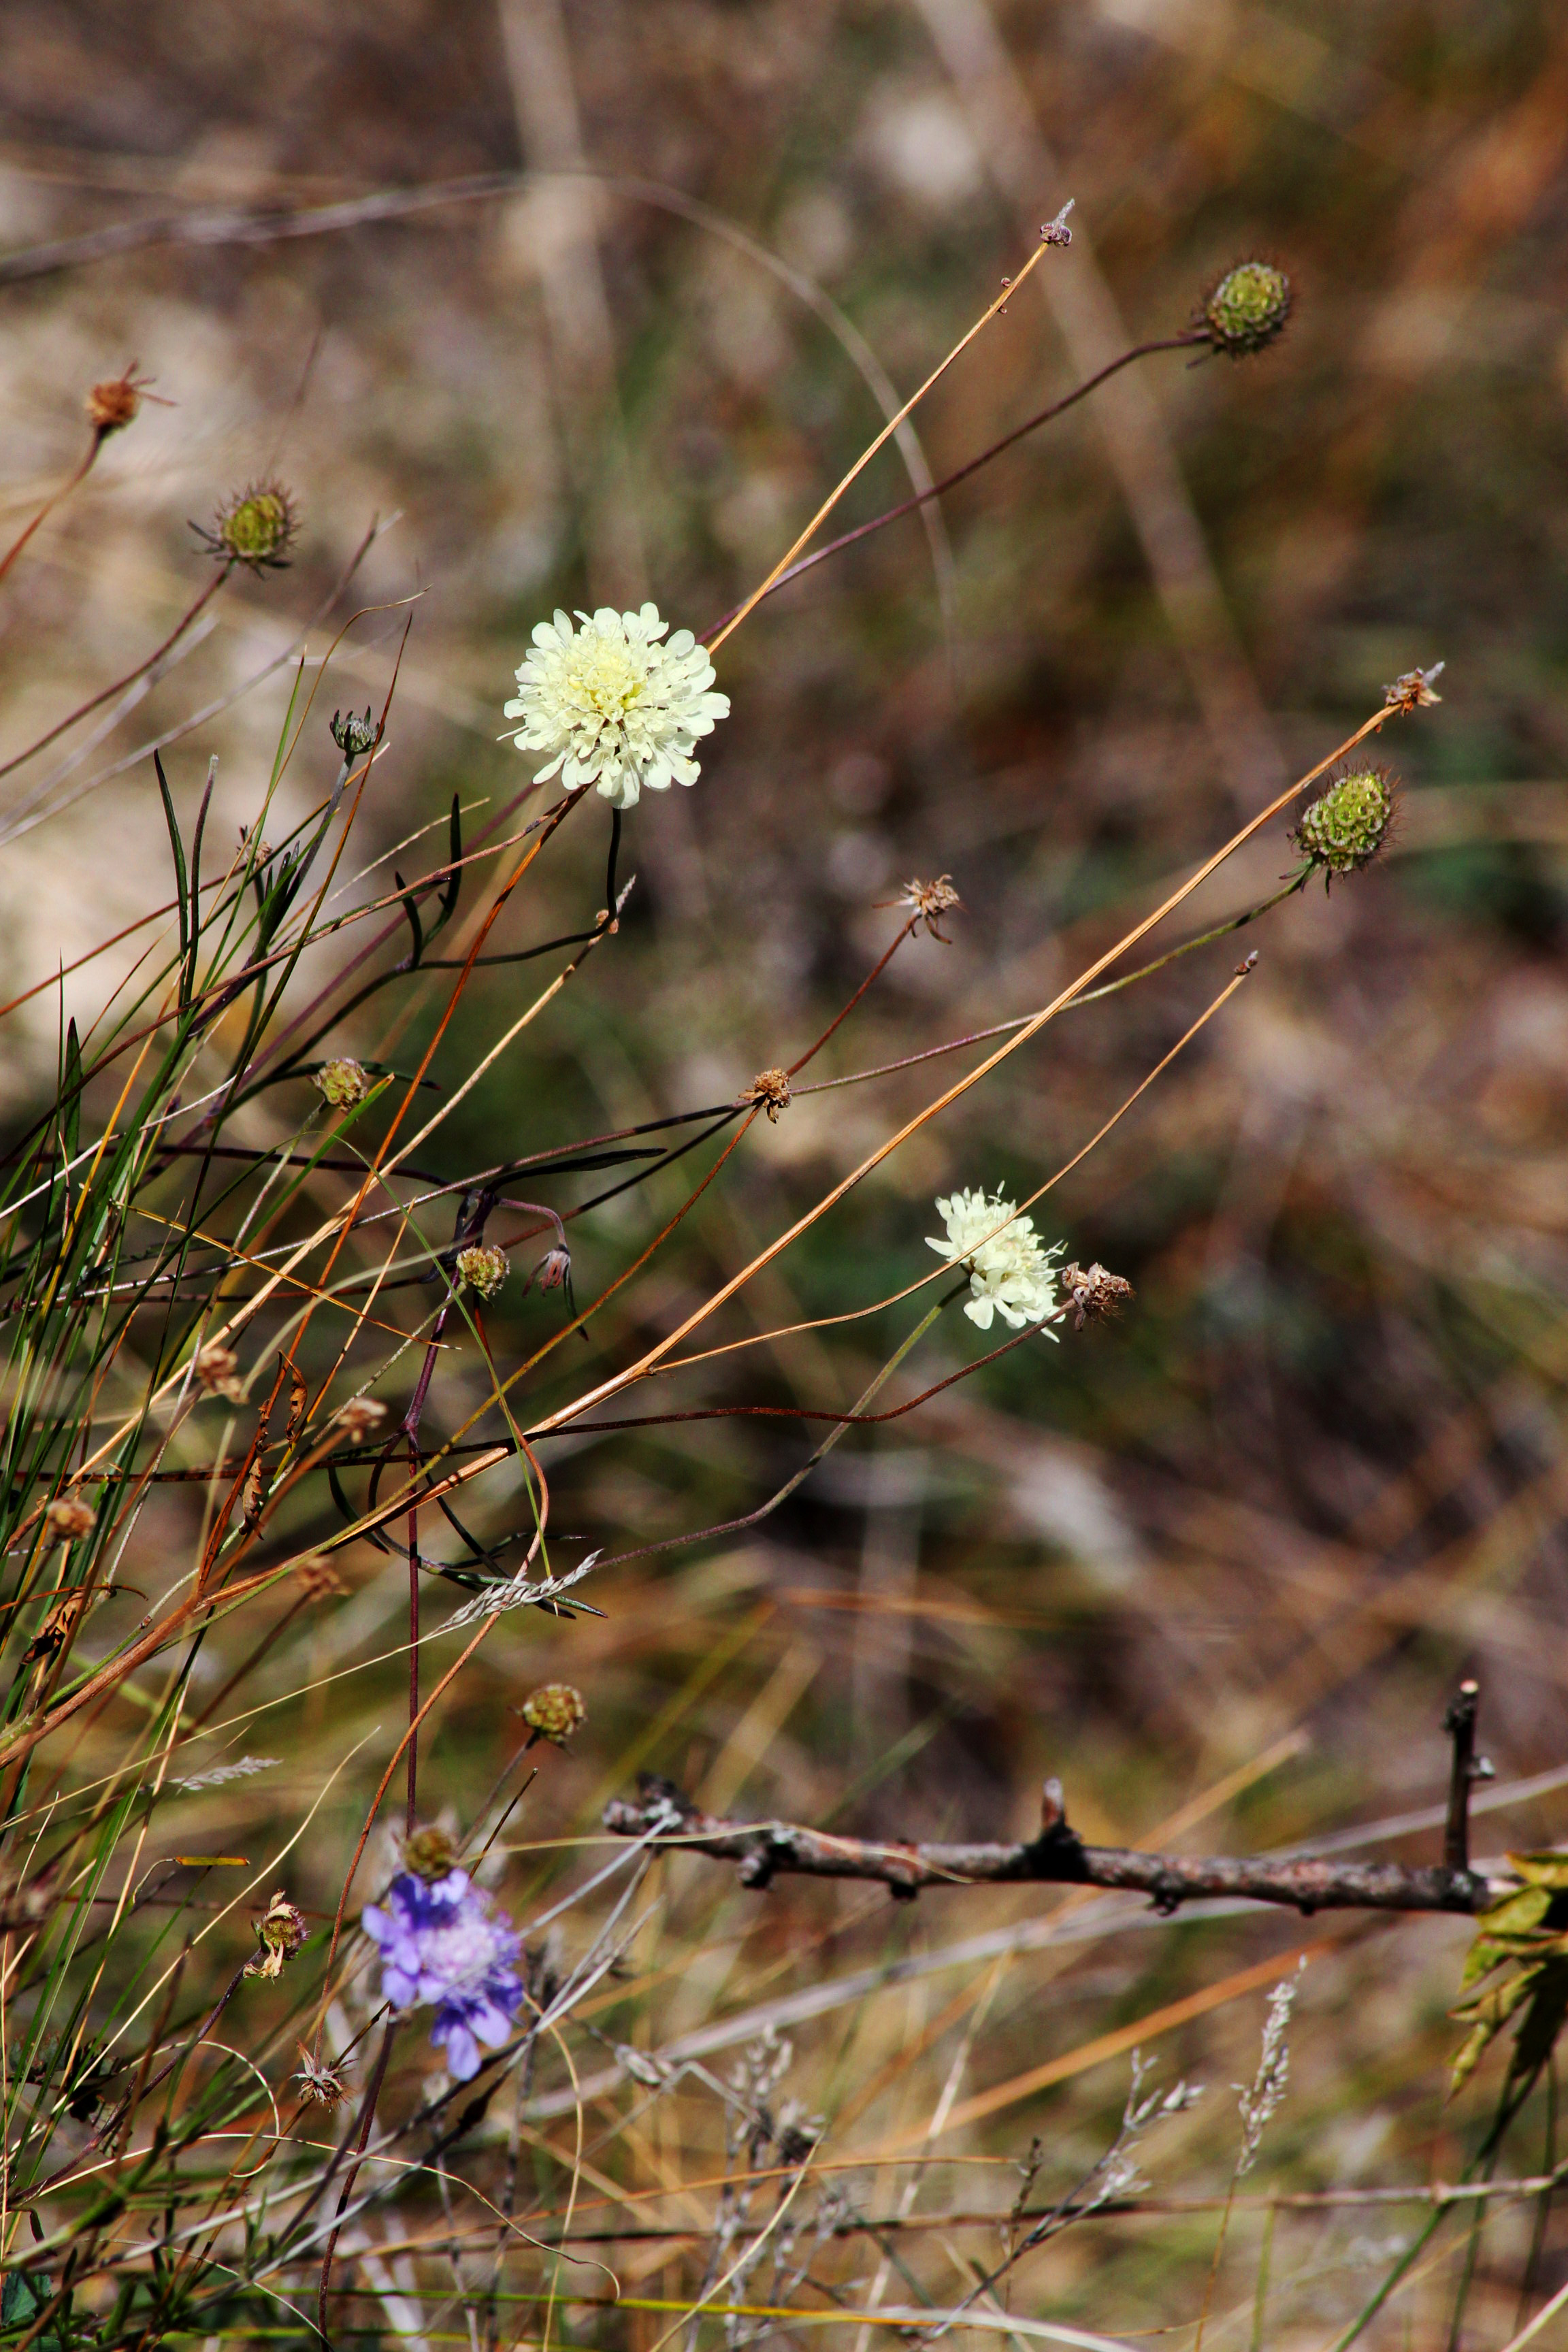 Sas-hegy Természetvédelmi Terület